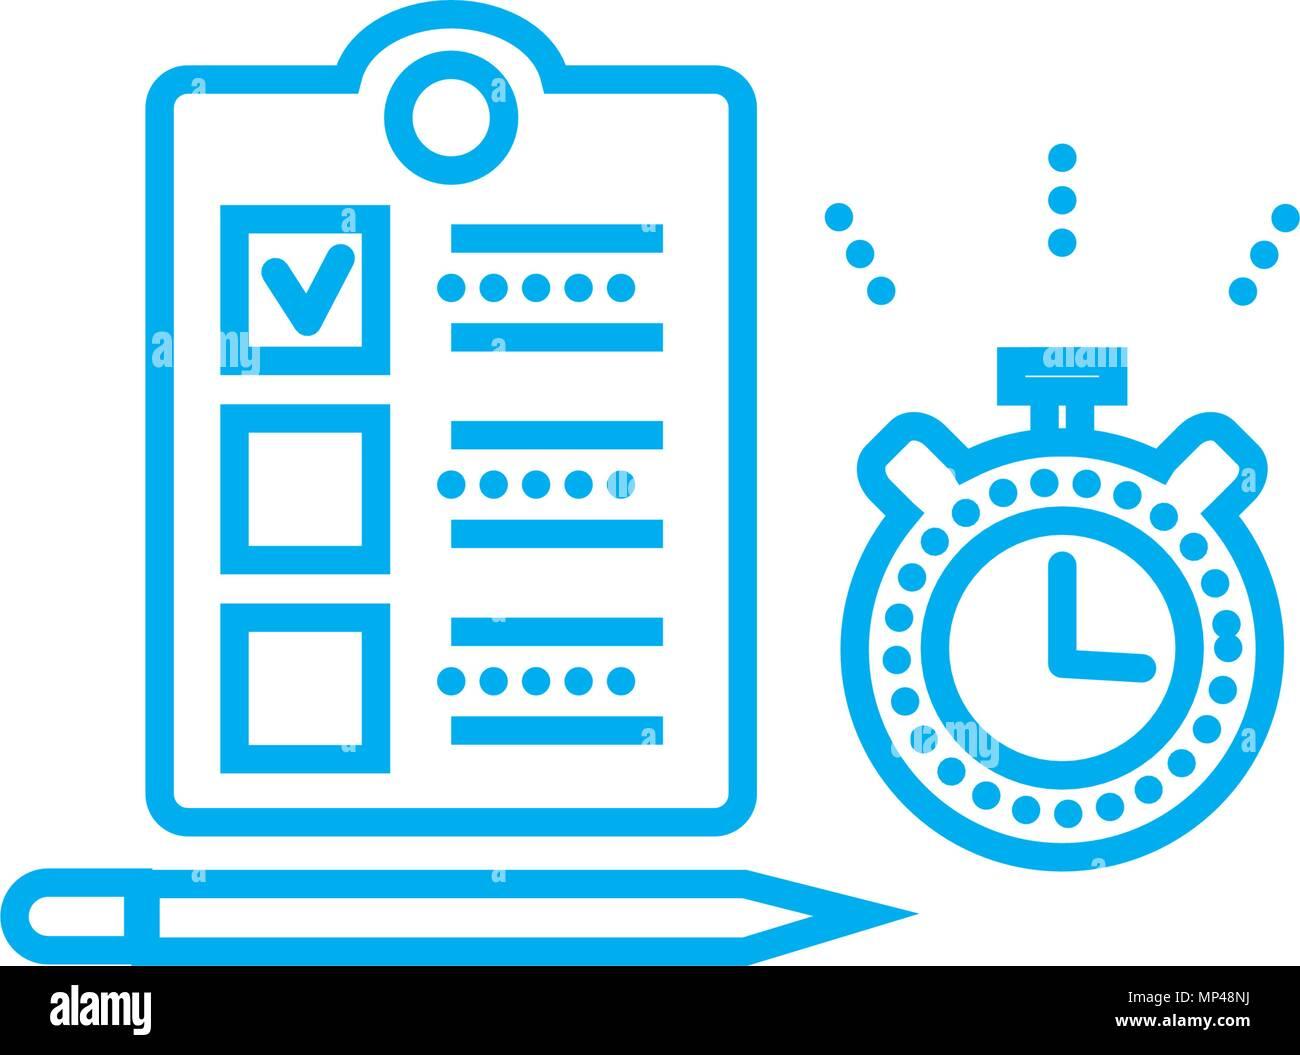 timing f r aufgaben lineare symbol konzept timing f r. Black Bedroom Furniture Sets. Home Design Ideas